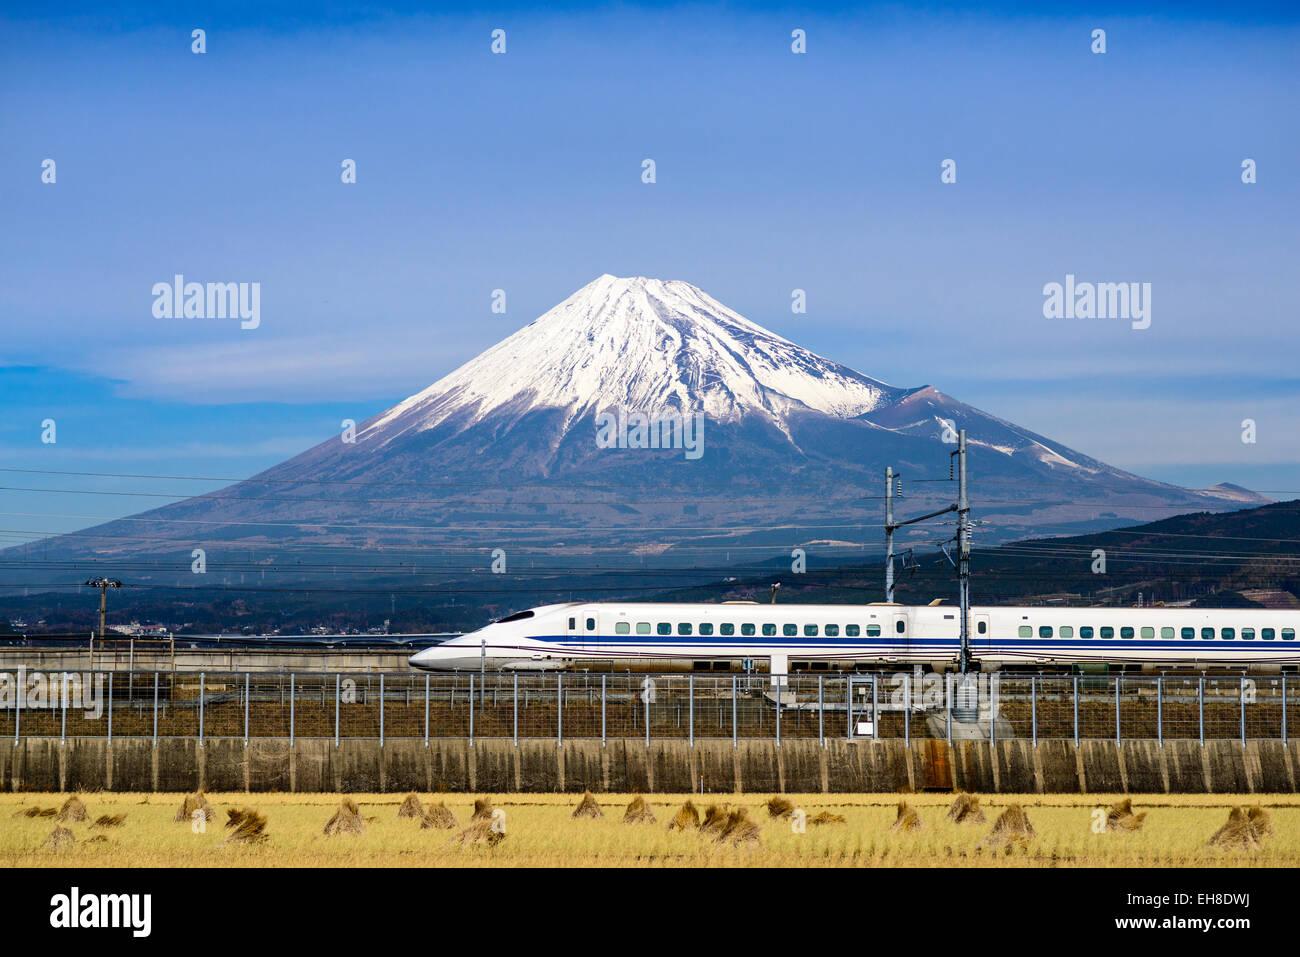 a-bullet-train-passes-below-mt-fuji-in-j